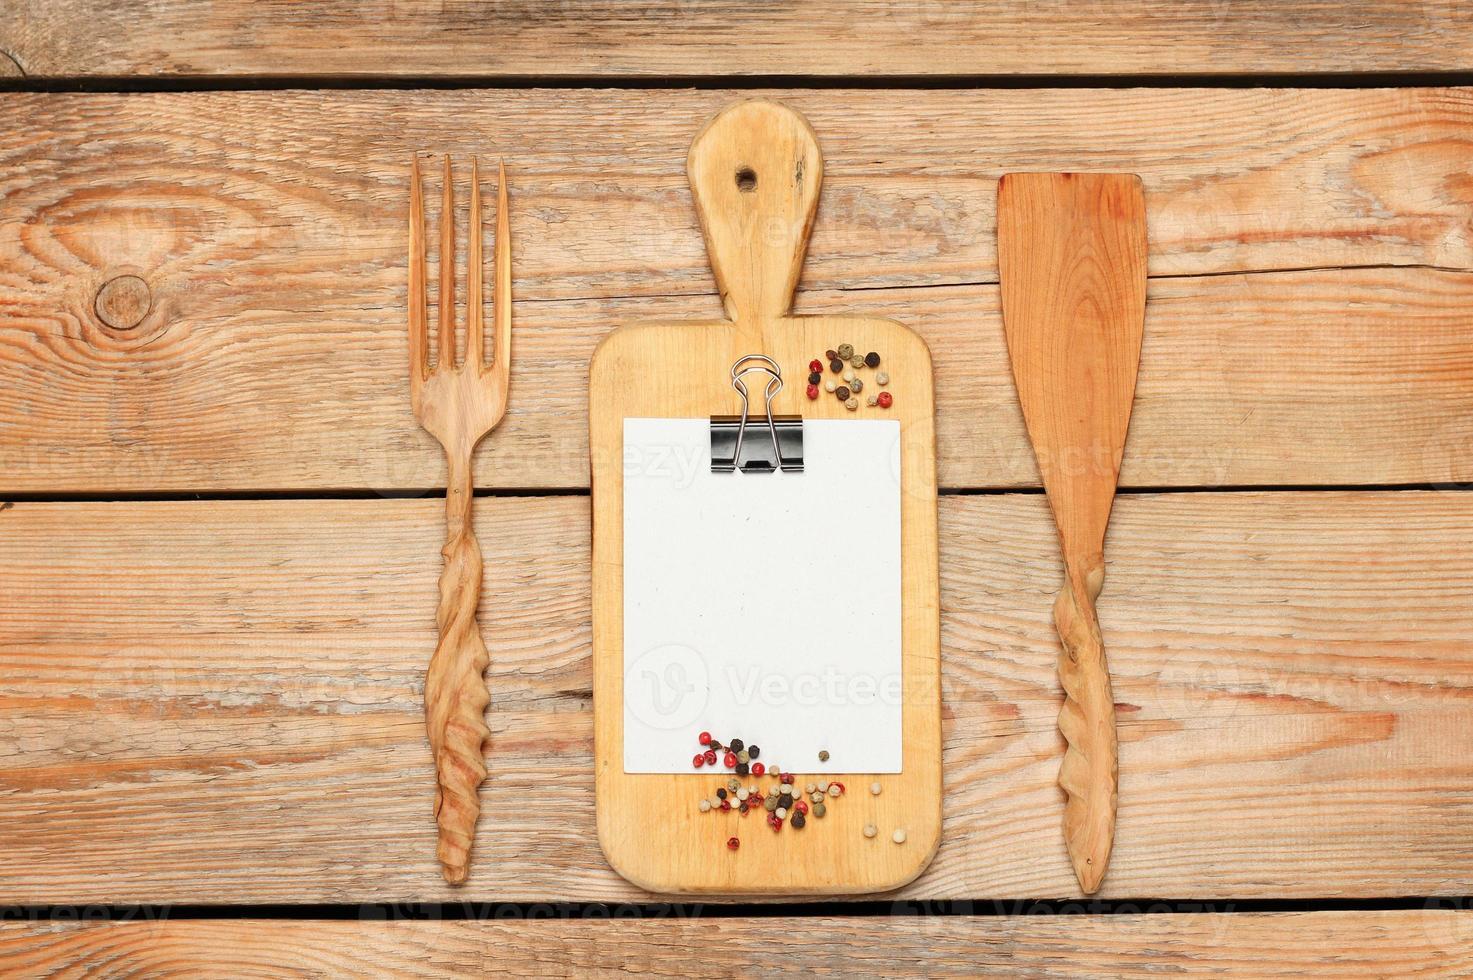 Kitchen cooking utensils photo